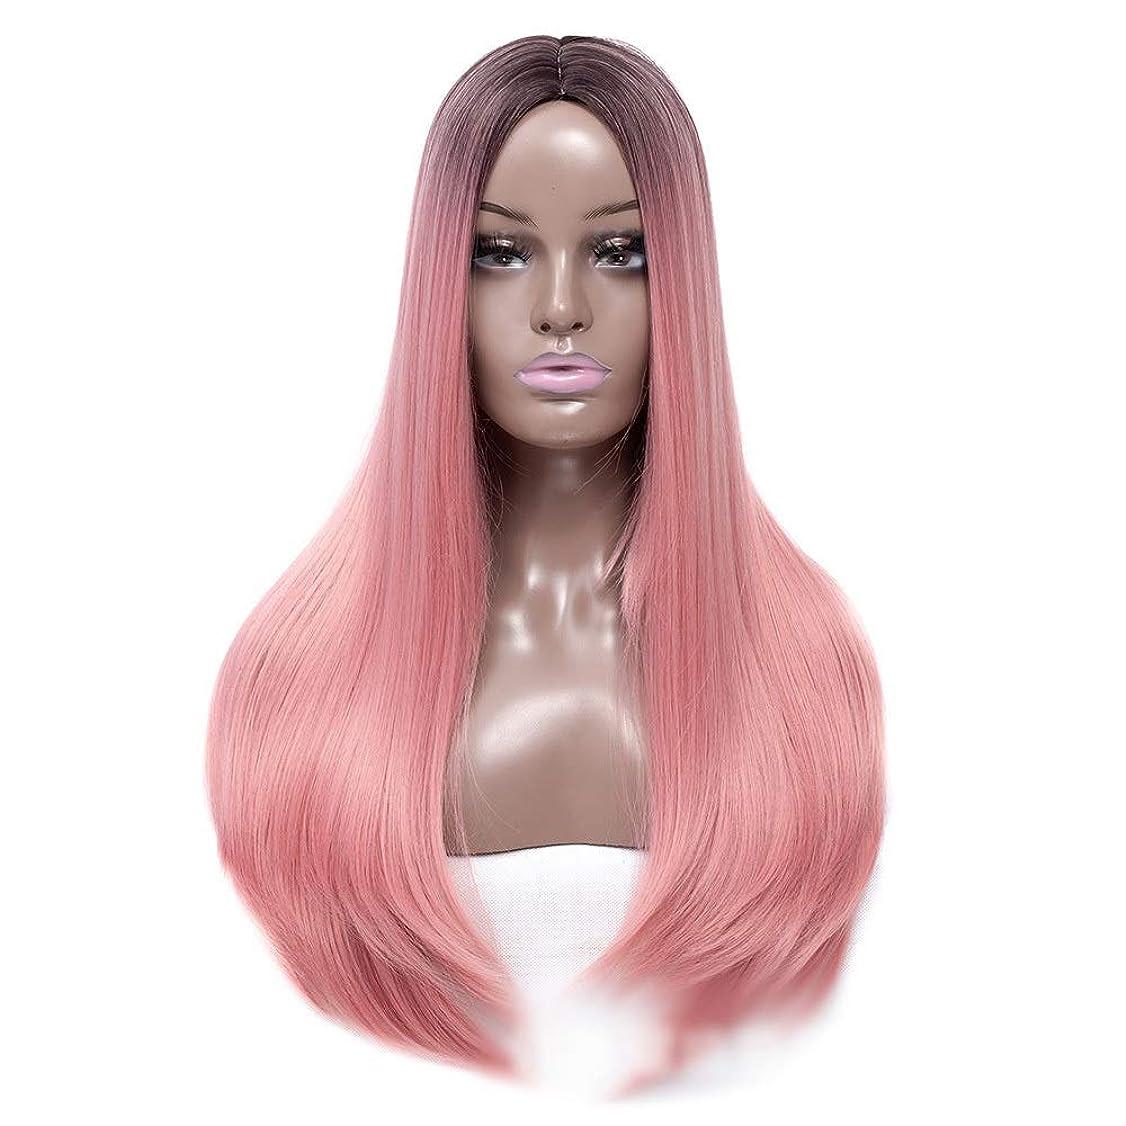 襲撃作曲家地球BOBIDYEE 女性のピンクのかつら22インチロングストレートヘアヒートセーフ人工毛ホワイトまたは淡い頭皮のパーティーのかつら (Color : ピンク)